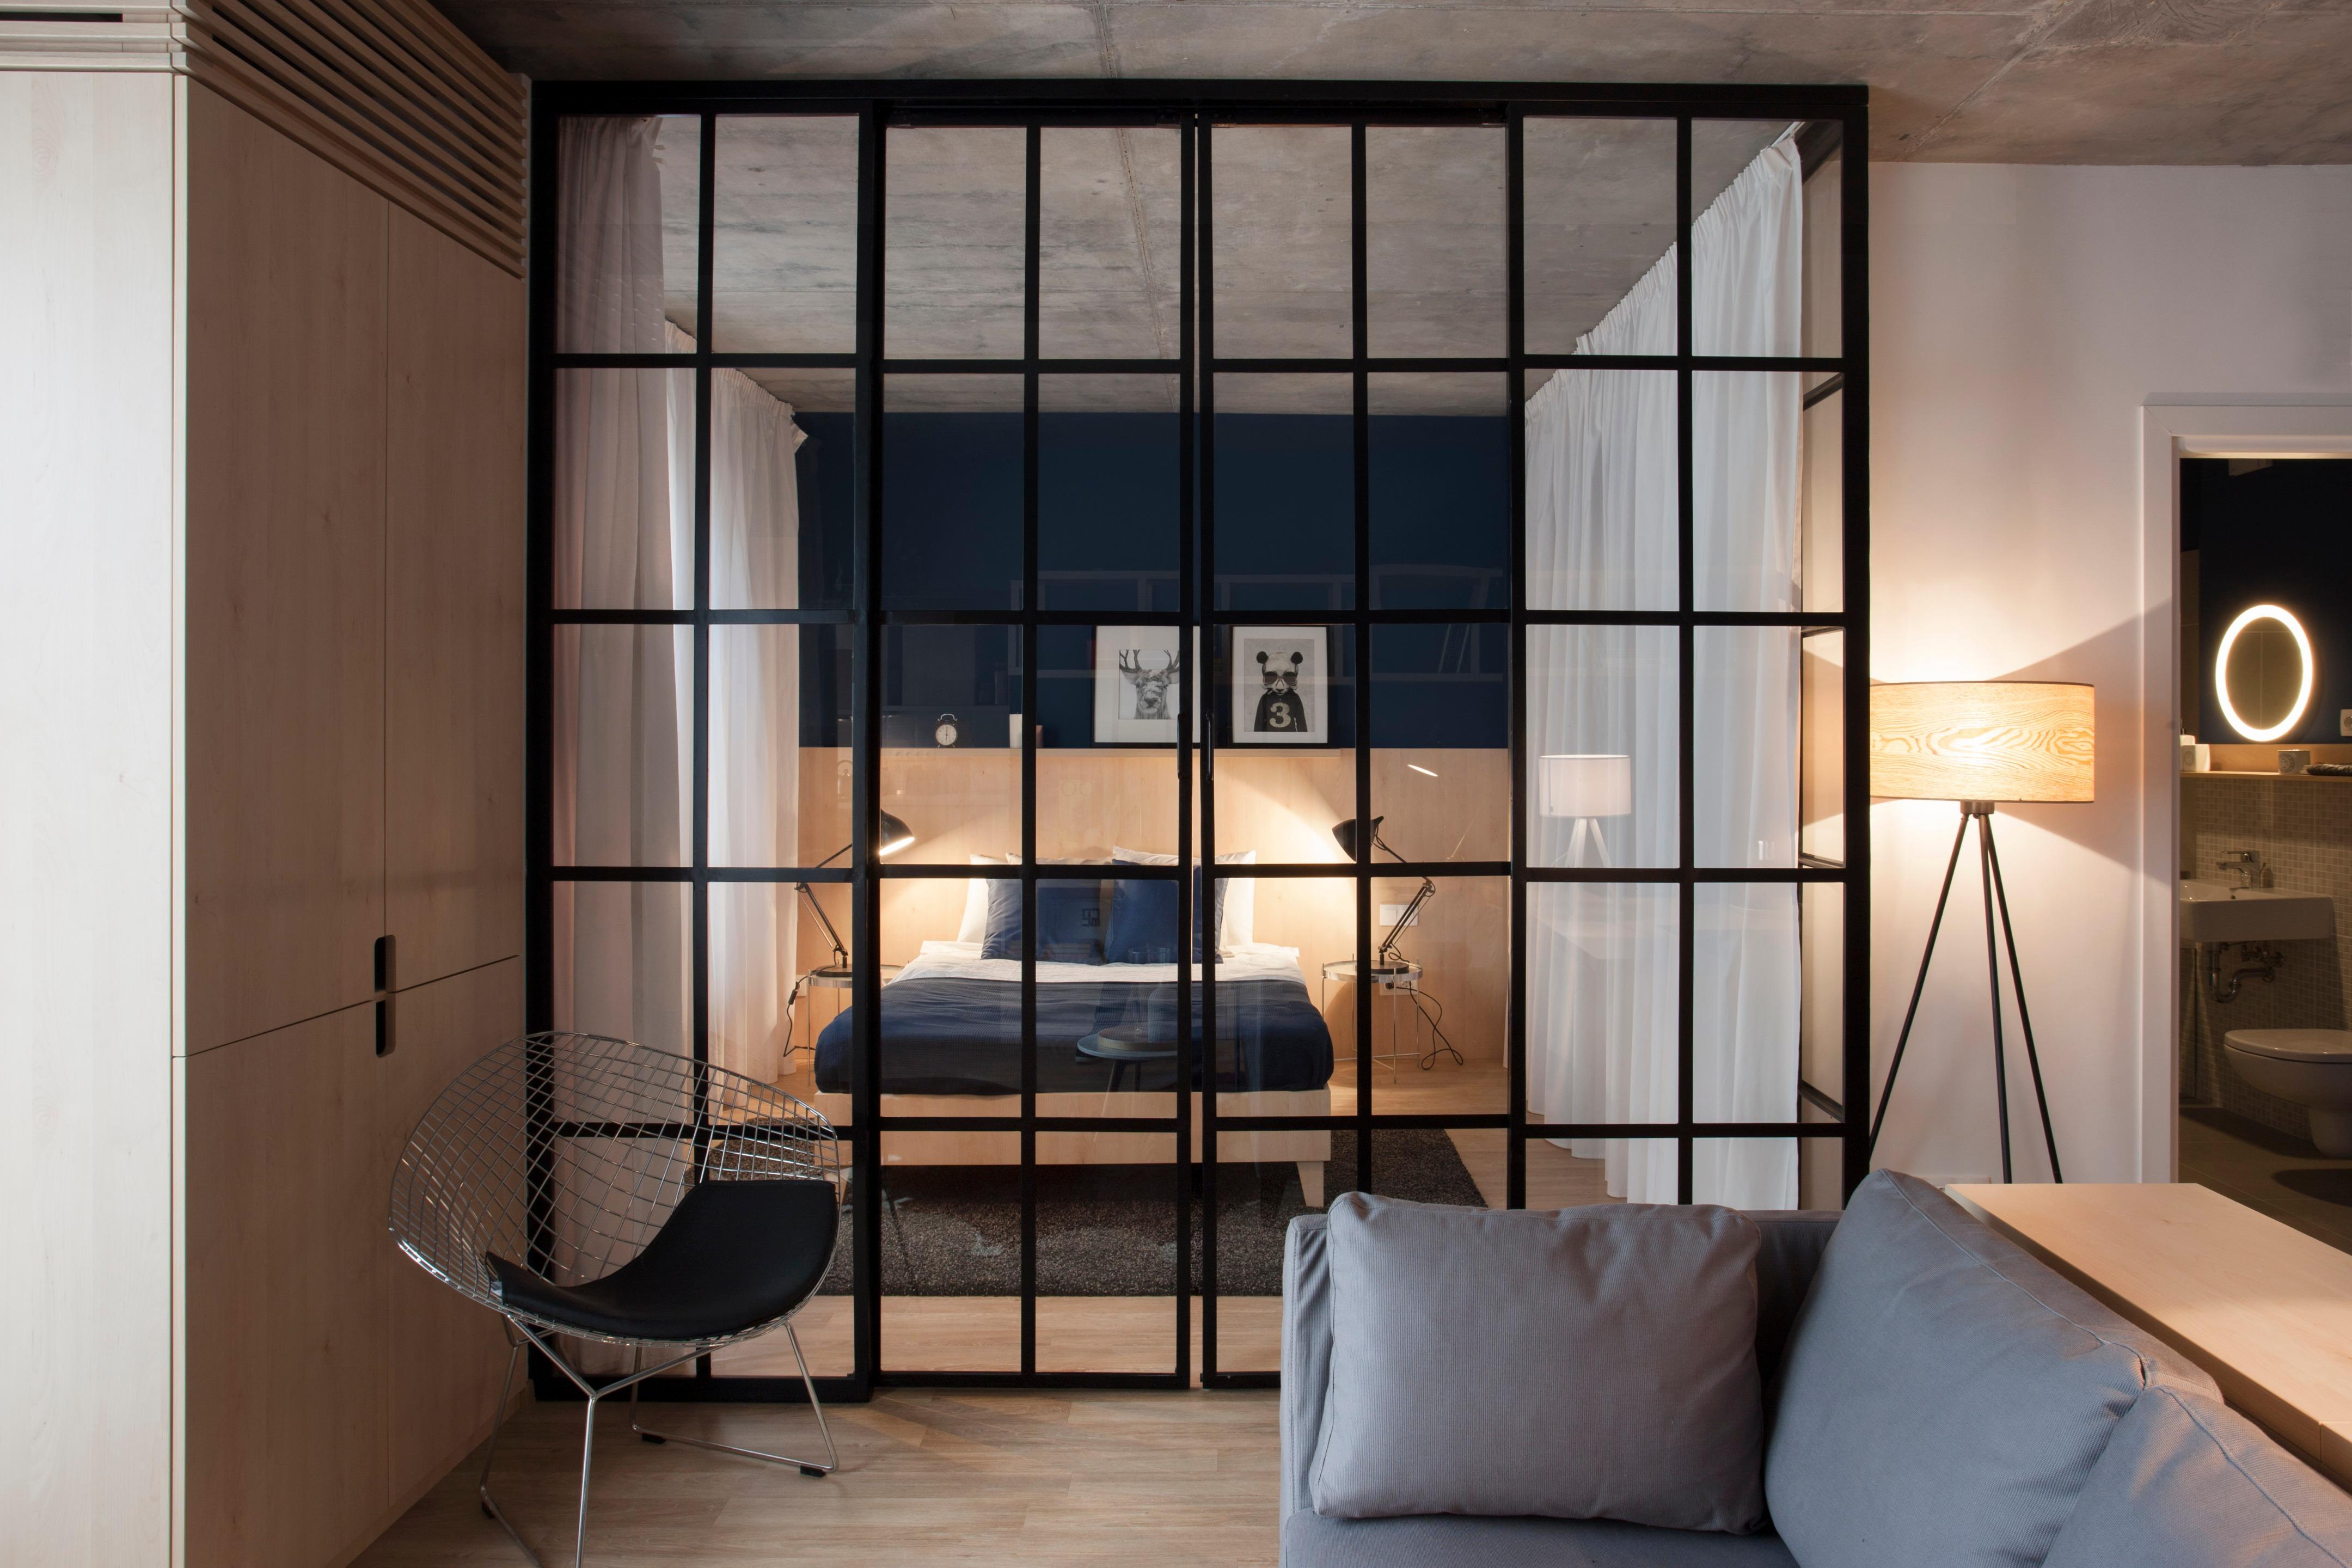 Giải pháp thông minh cho căn hộ có diện tích nhỏ - Ảnh 12.